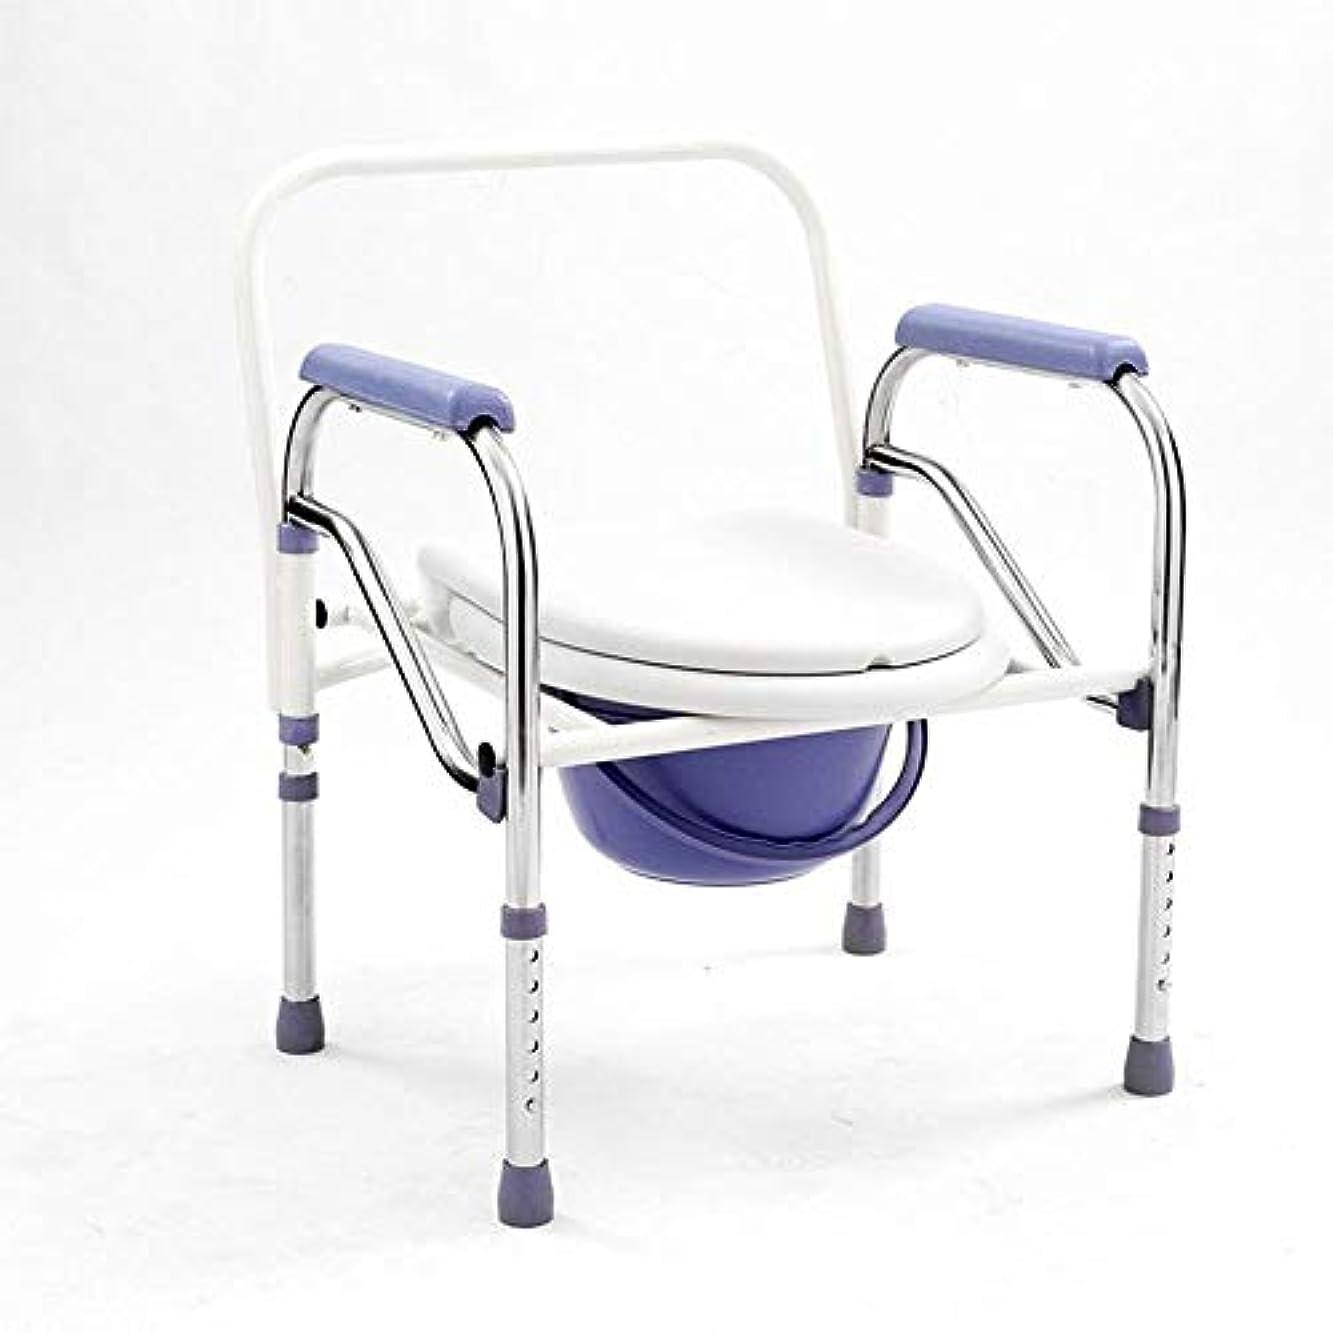 民間フィールド染色高齢者の歩行者のための多機能便器椅子、折りたたみ軽量便器椅子